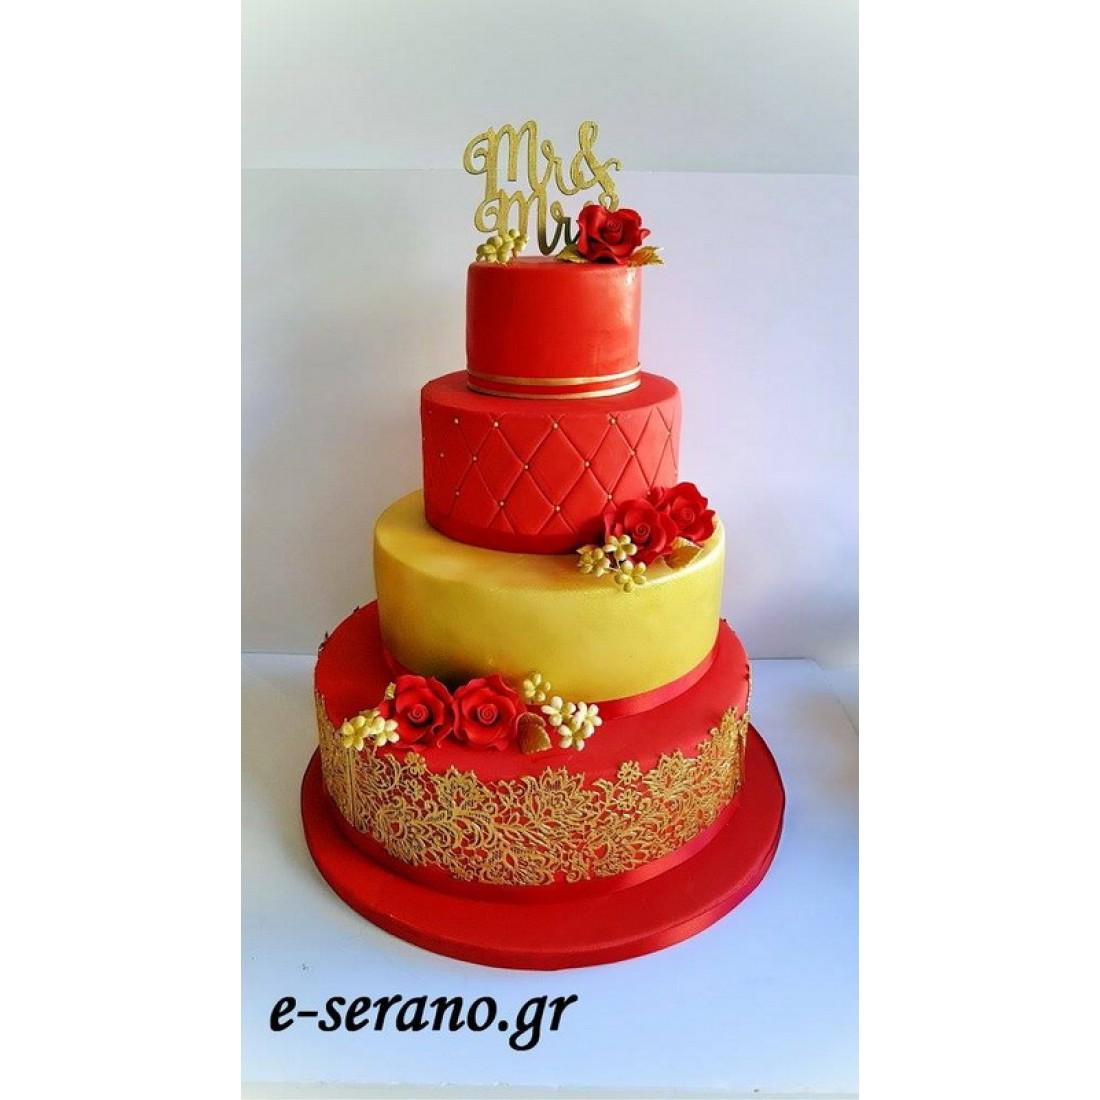 569d664b72e2 Τούρτα γάμου golden red